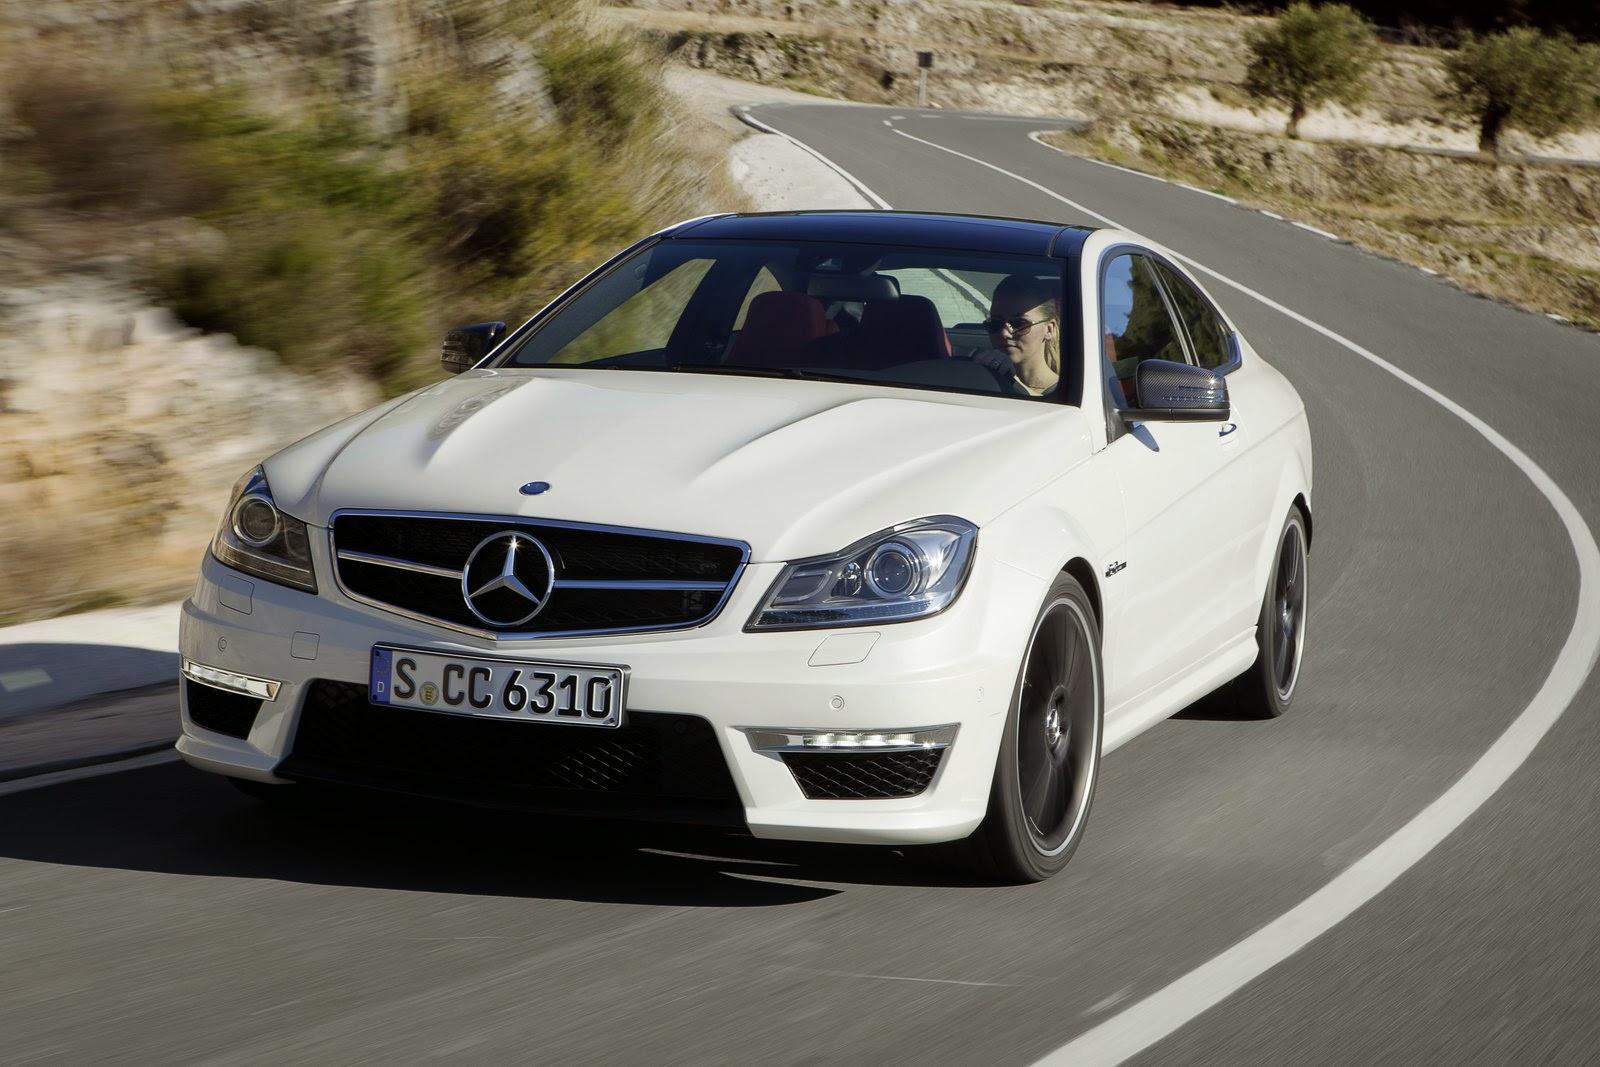 Harga Mobil Mercedes Benz Semua Type Baru/Second 2014